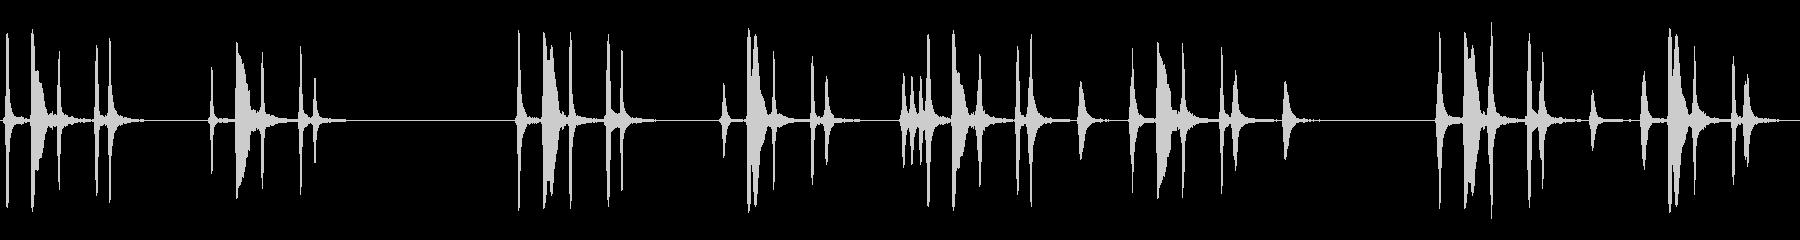 室内楽 クラシック交響曲 劇的な ...の未再生の波形